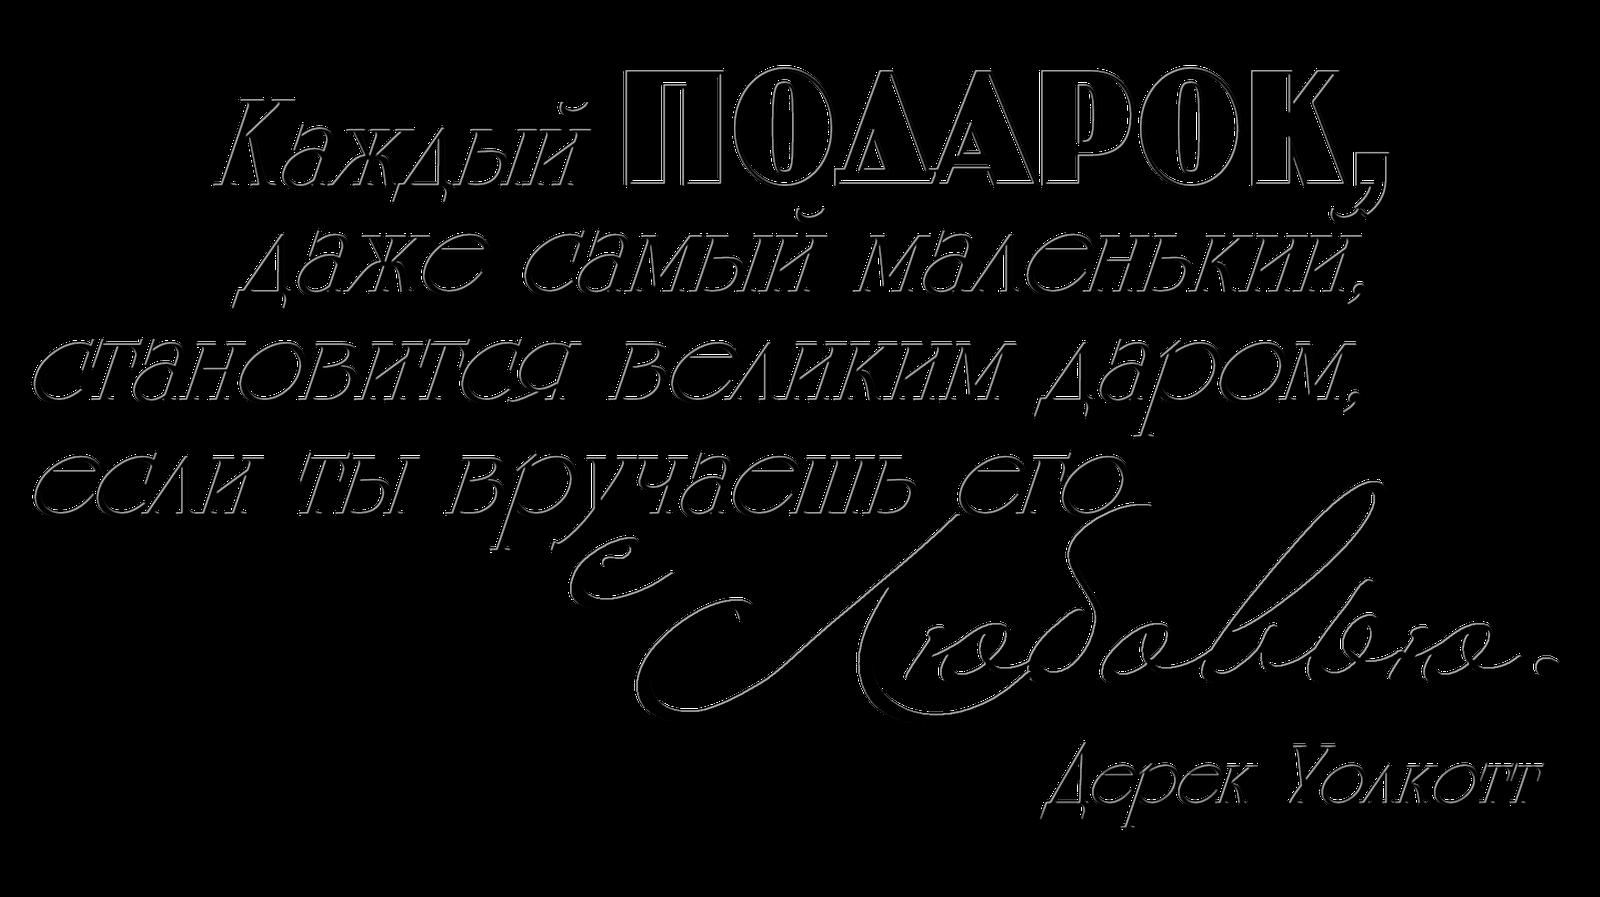 красивые картинки про любовь с надписями - Картинки про любовь с надписями Romantikland